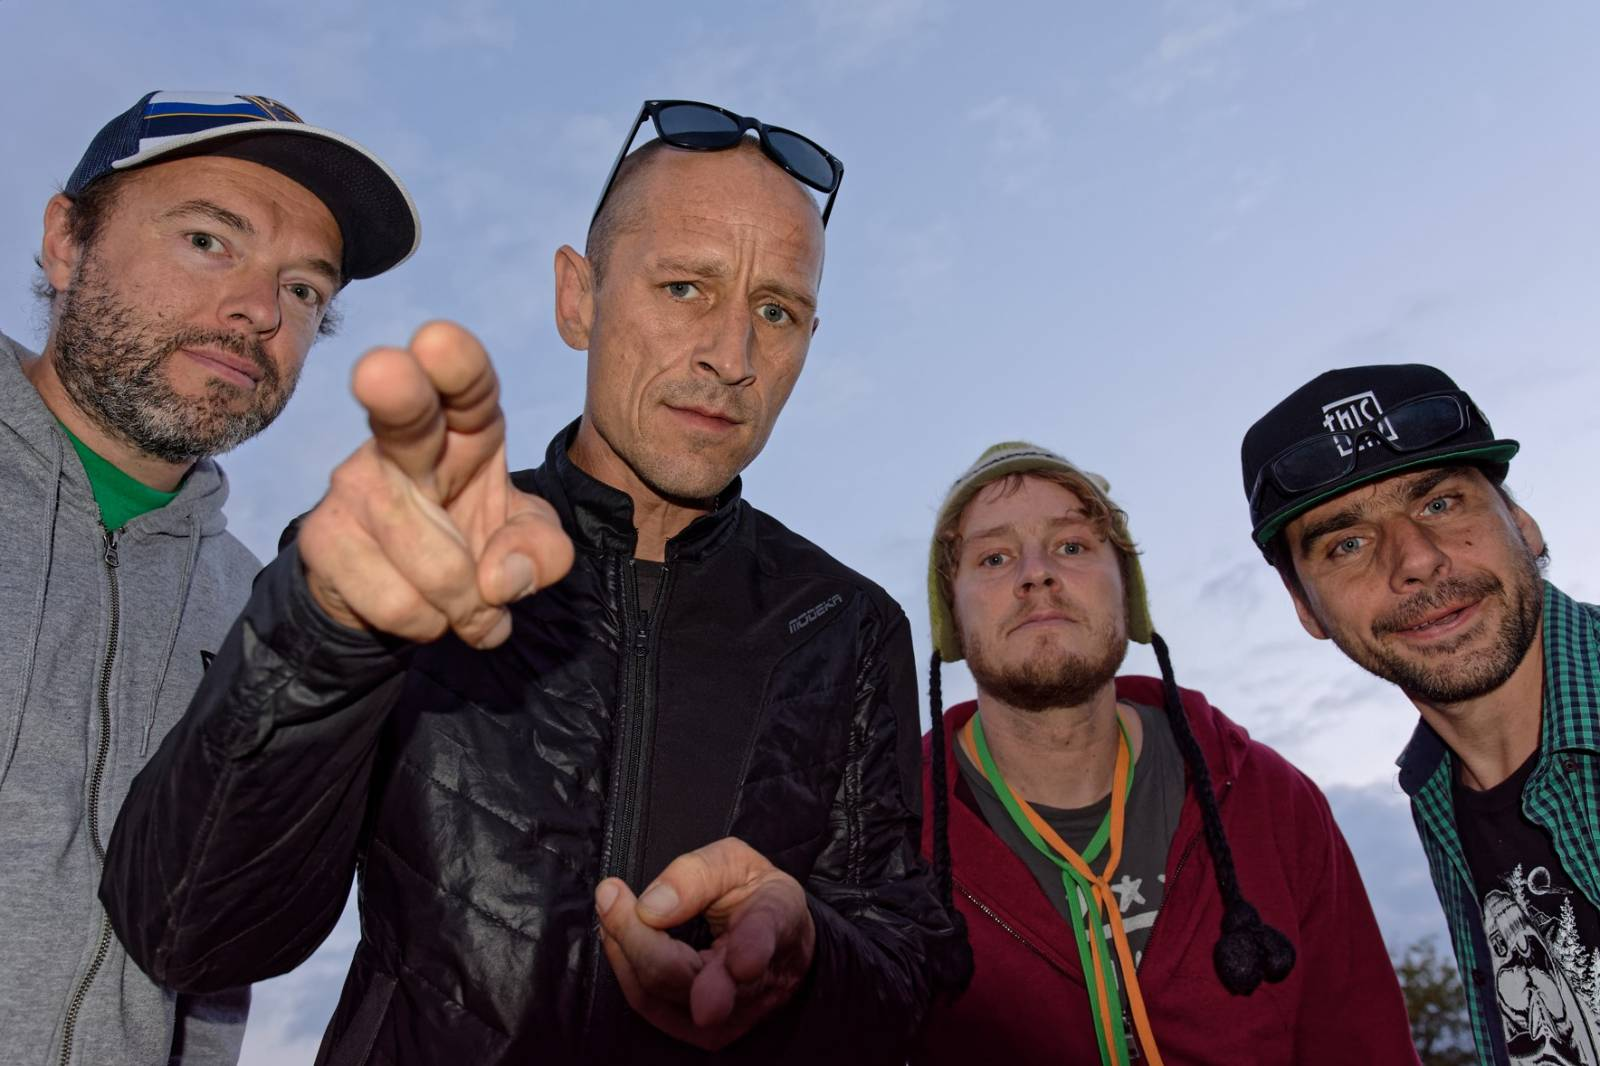 Wohnout nahráli album Miss Maringotka až na druhý pokus, s původní verzí nebyli spokojeni